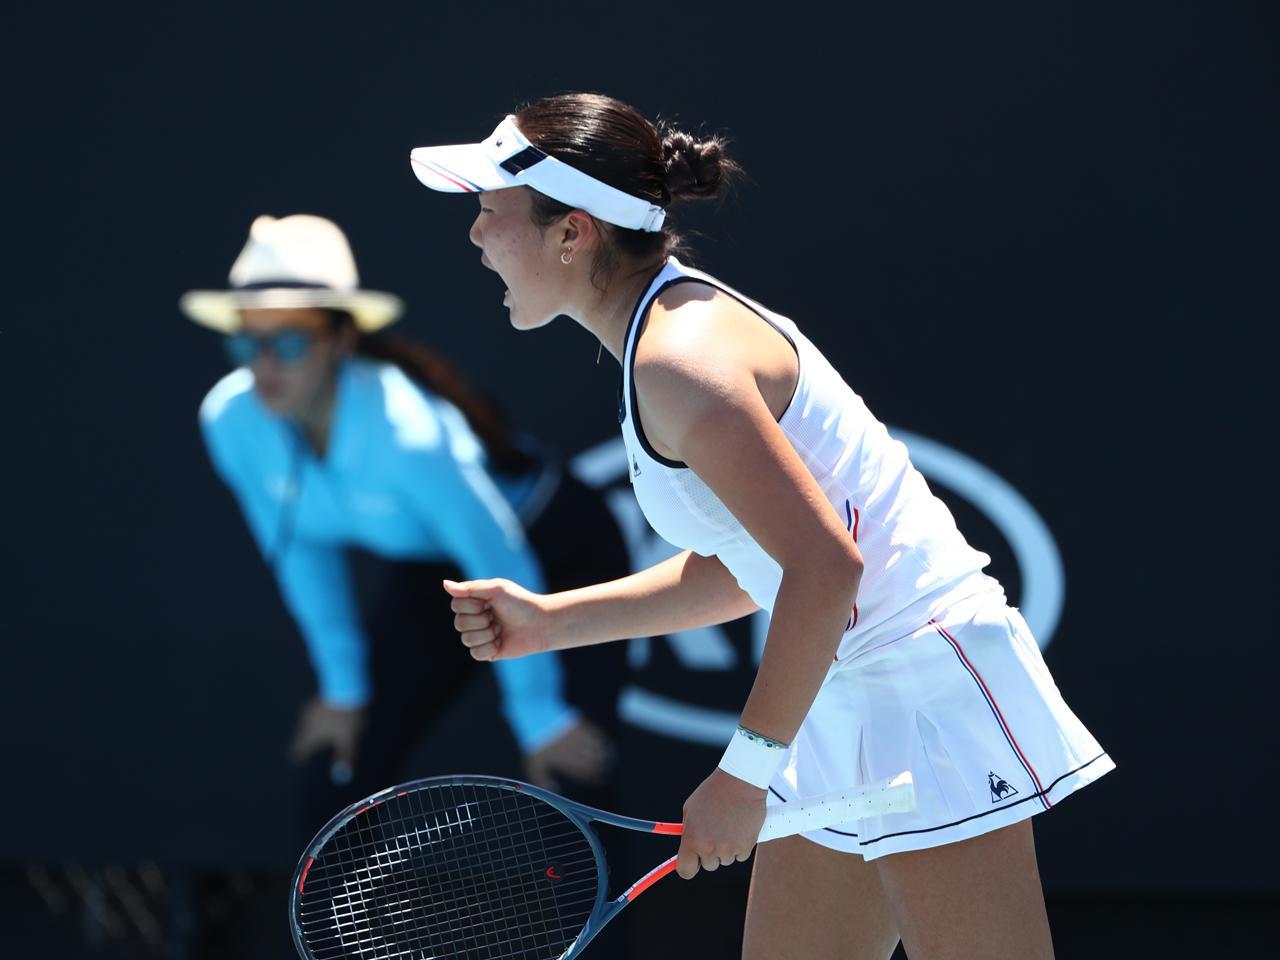 グランド スラム テニス